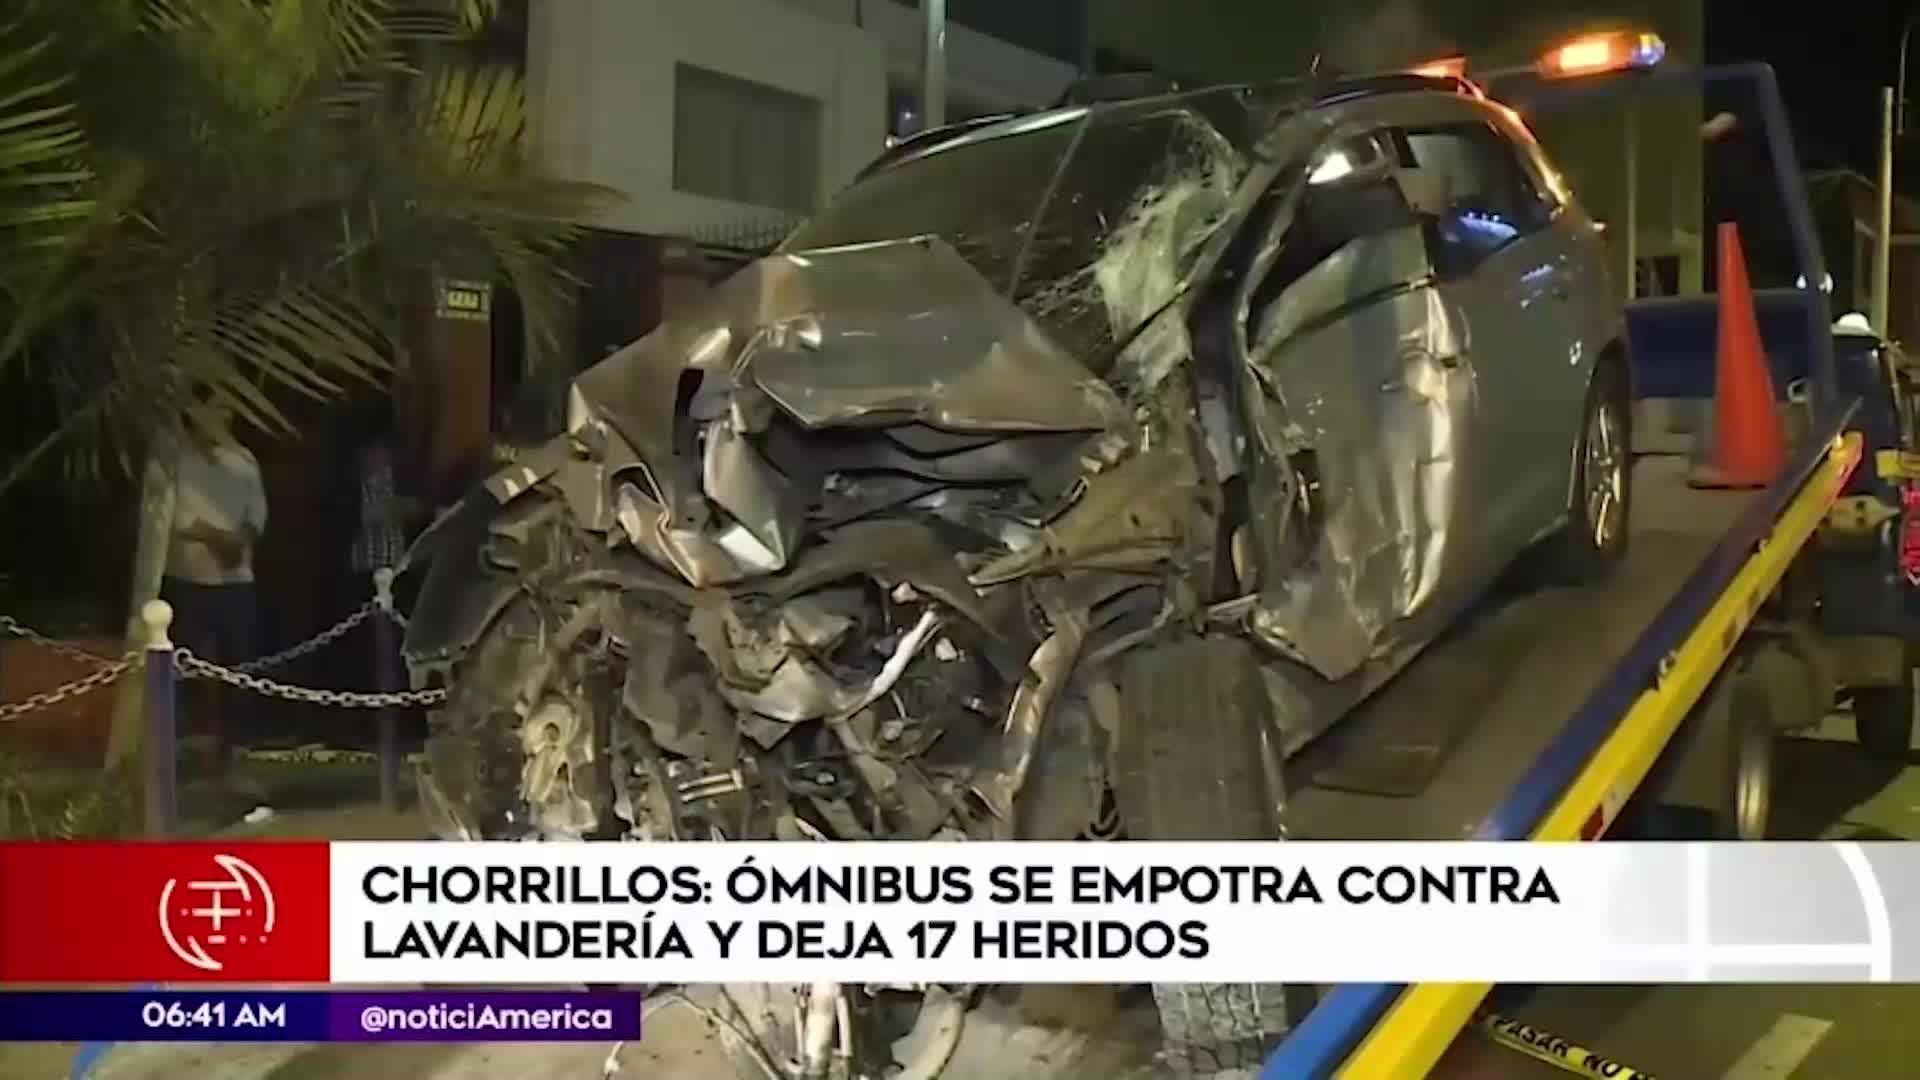 Chorrillos: bus impacta contra camioneta y deja 17 personas heridas